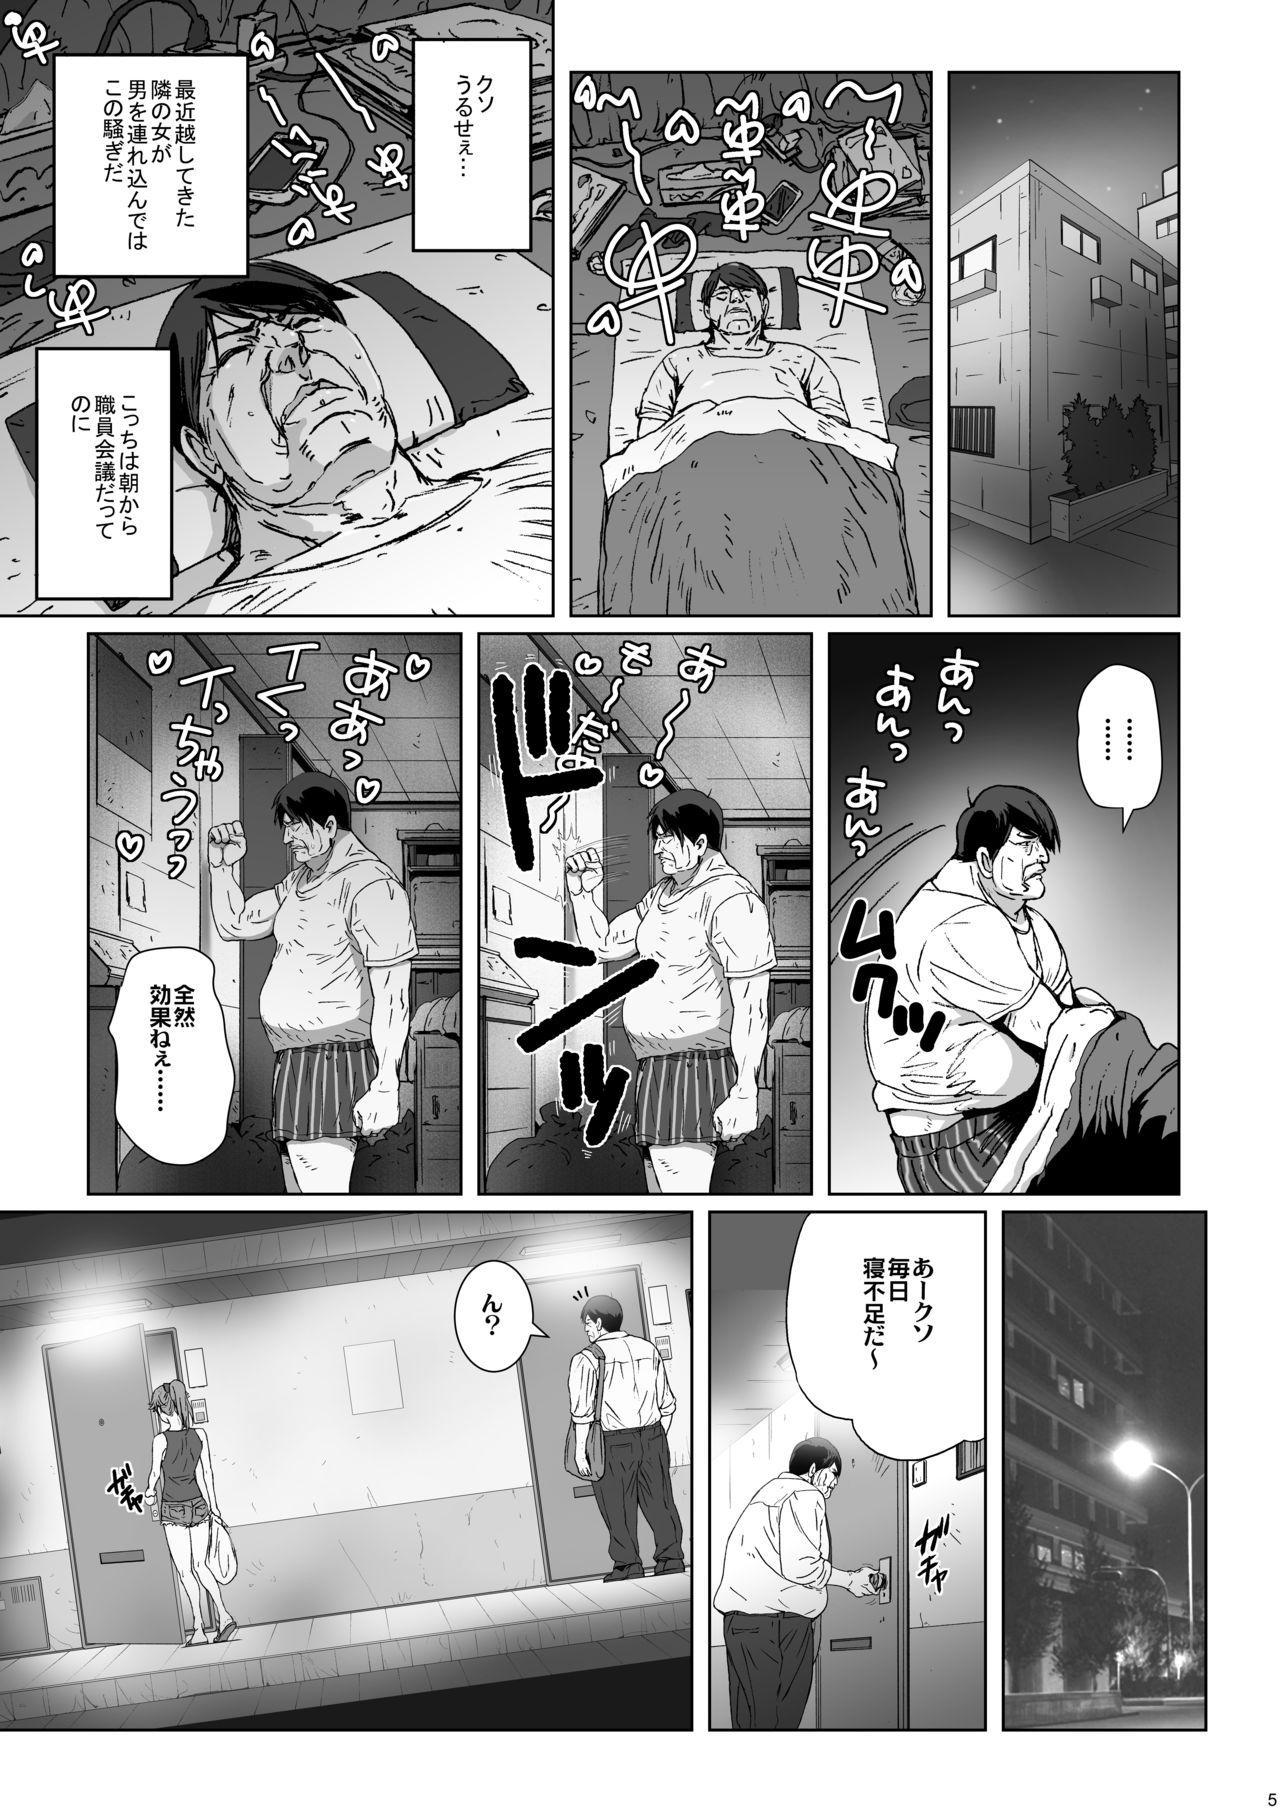 Kuso Haradatsu Tonari no Yariman Yankee o Saiminjutsu de Saikoukyuu Onaho ni Suru 4